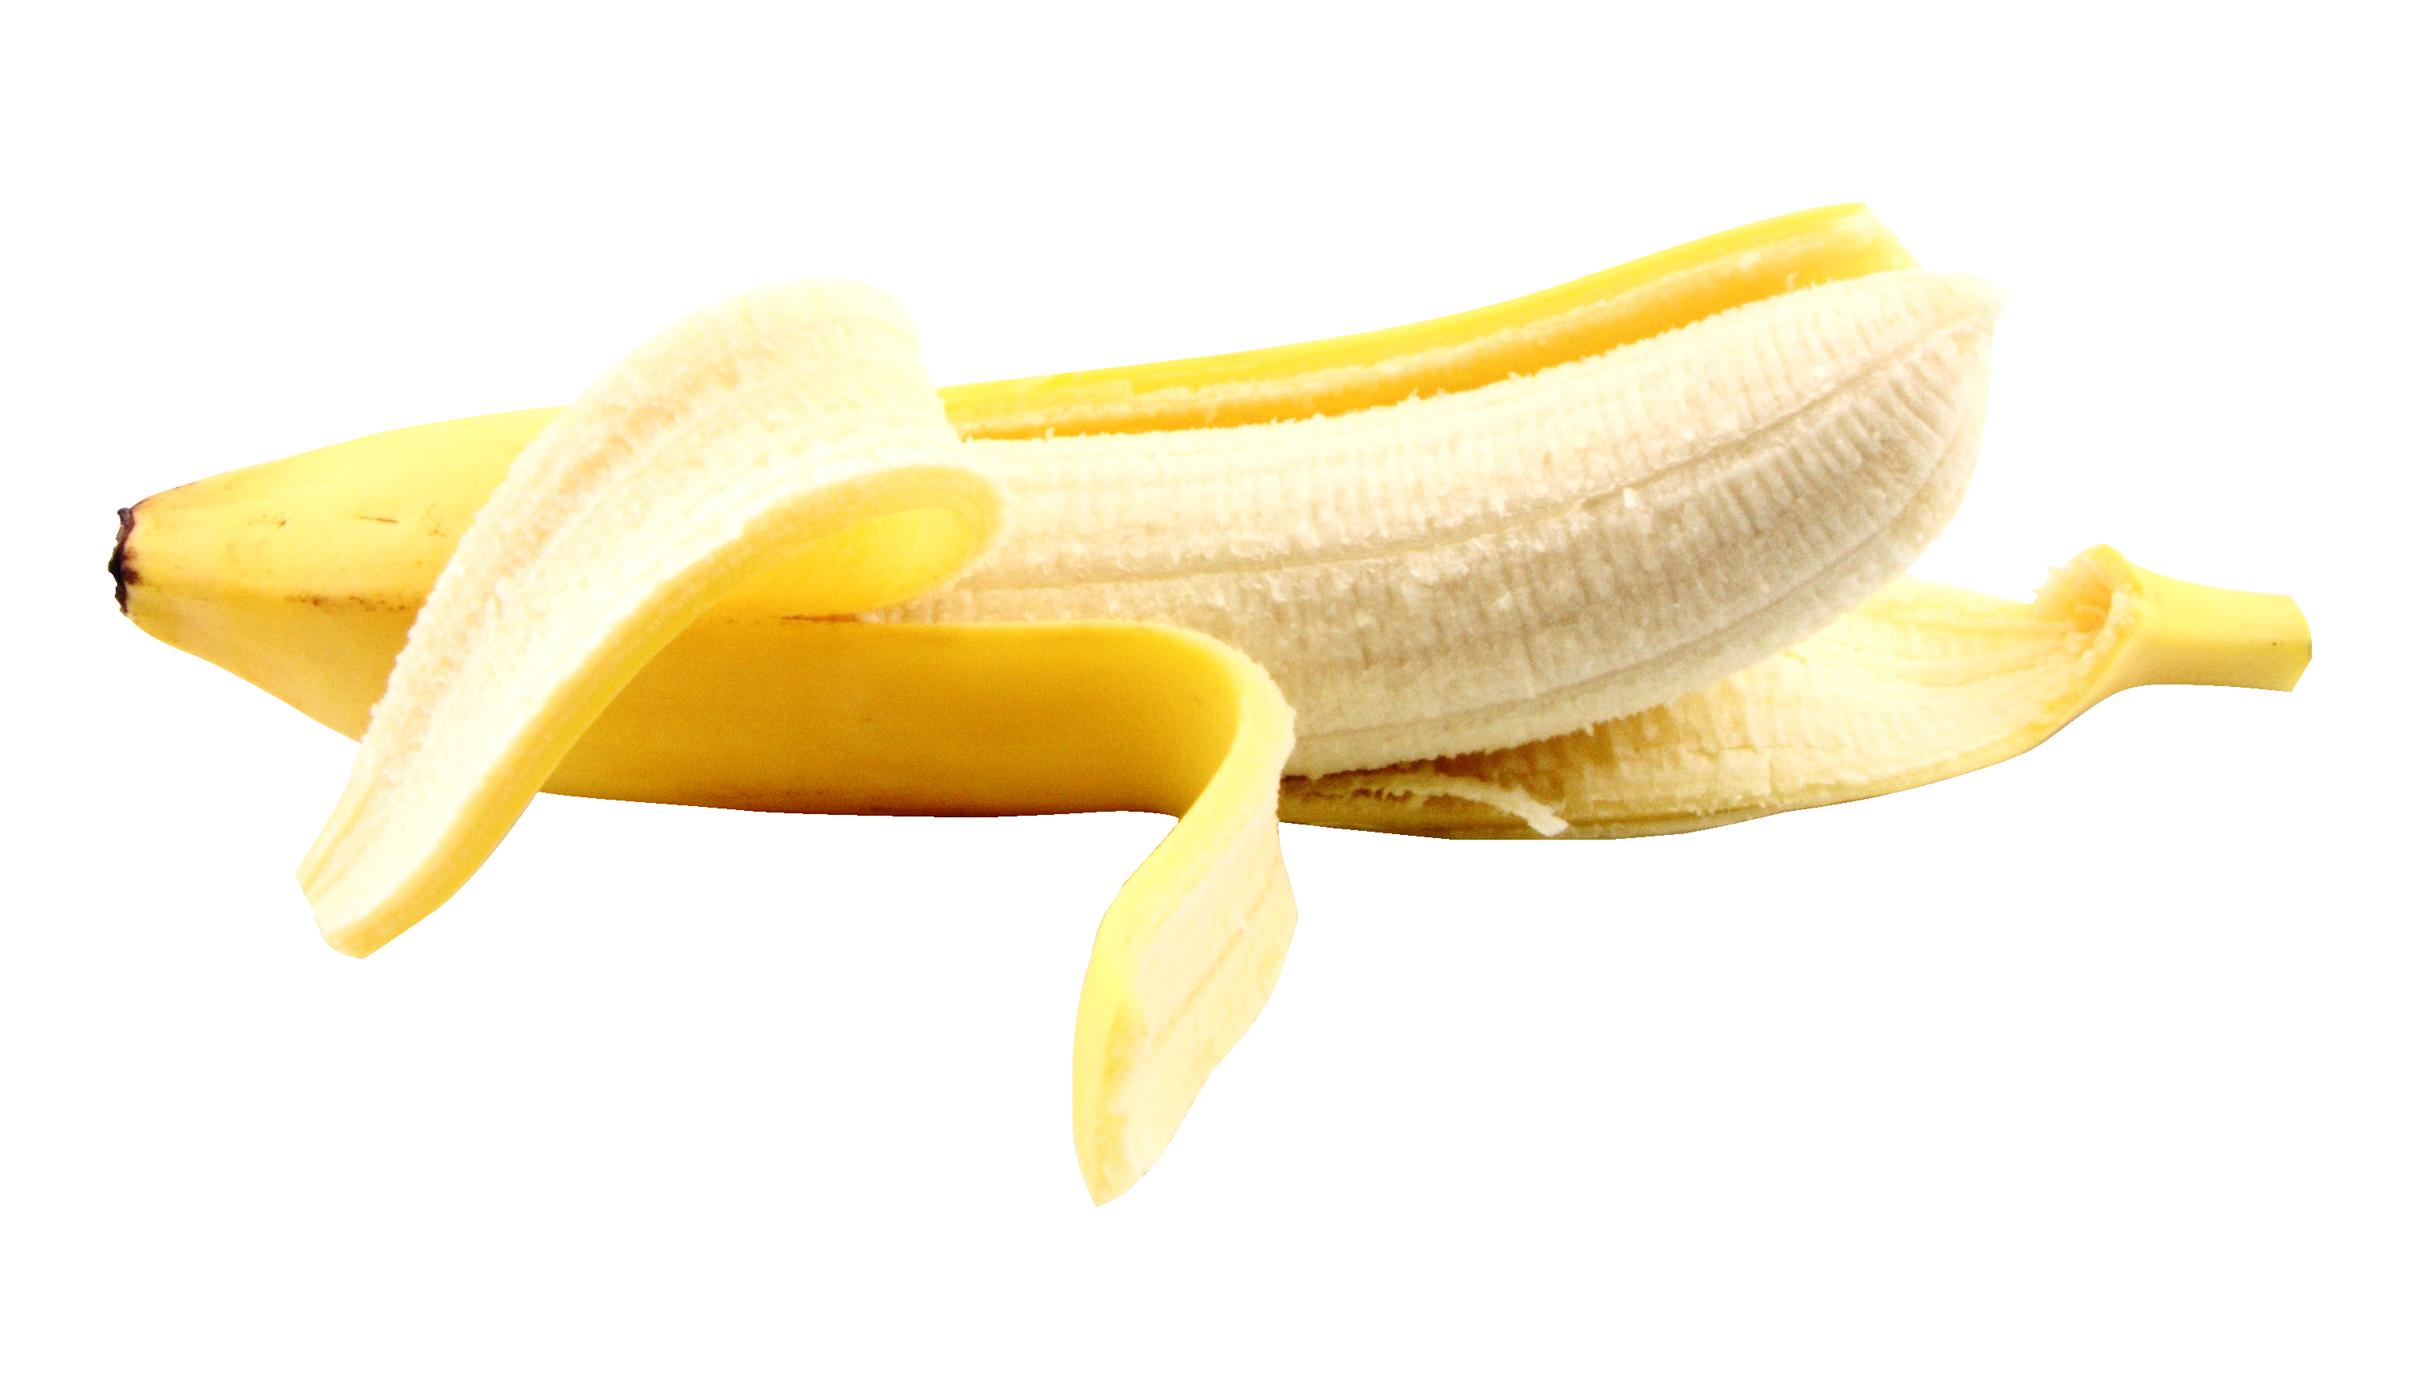 Banana Open Png Image Png Images Banana Png